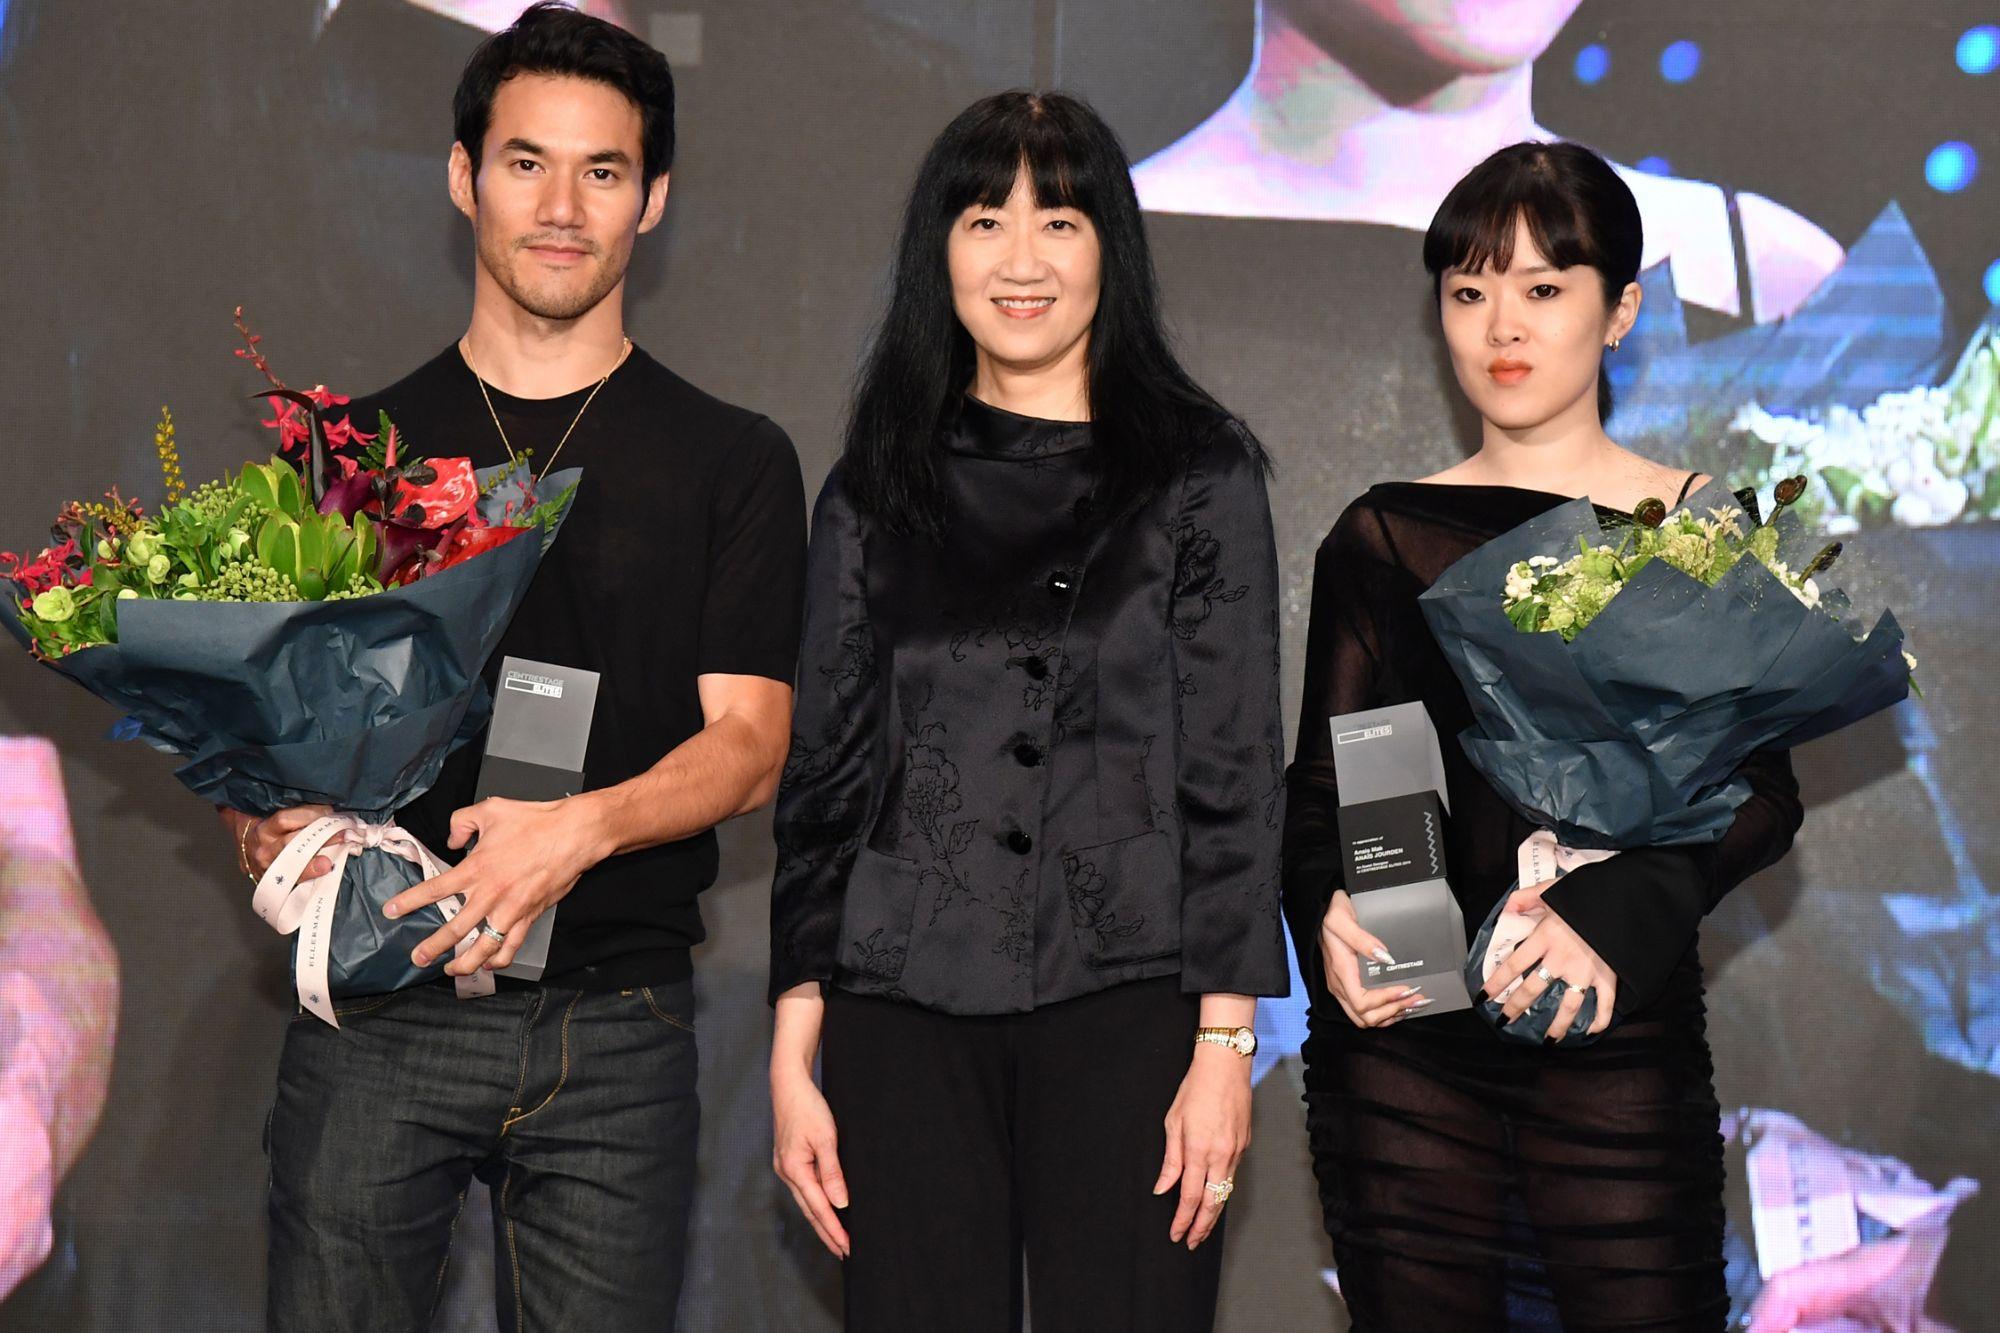 Joseph Altuzarra, Margaret Fong, Anais Mak